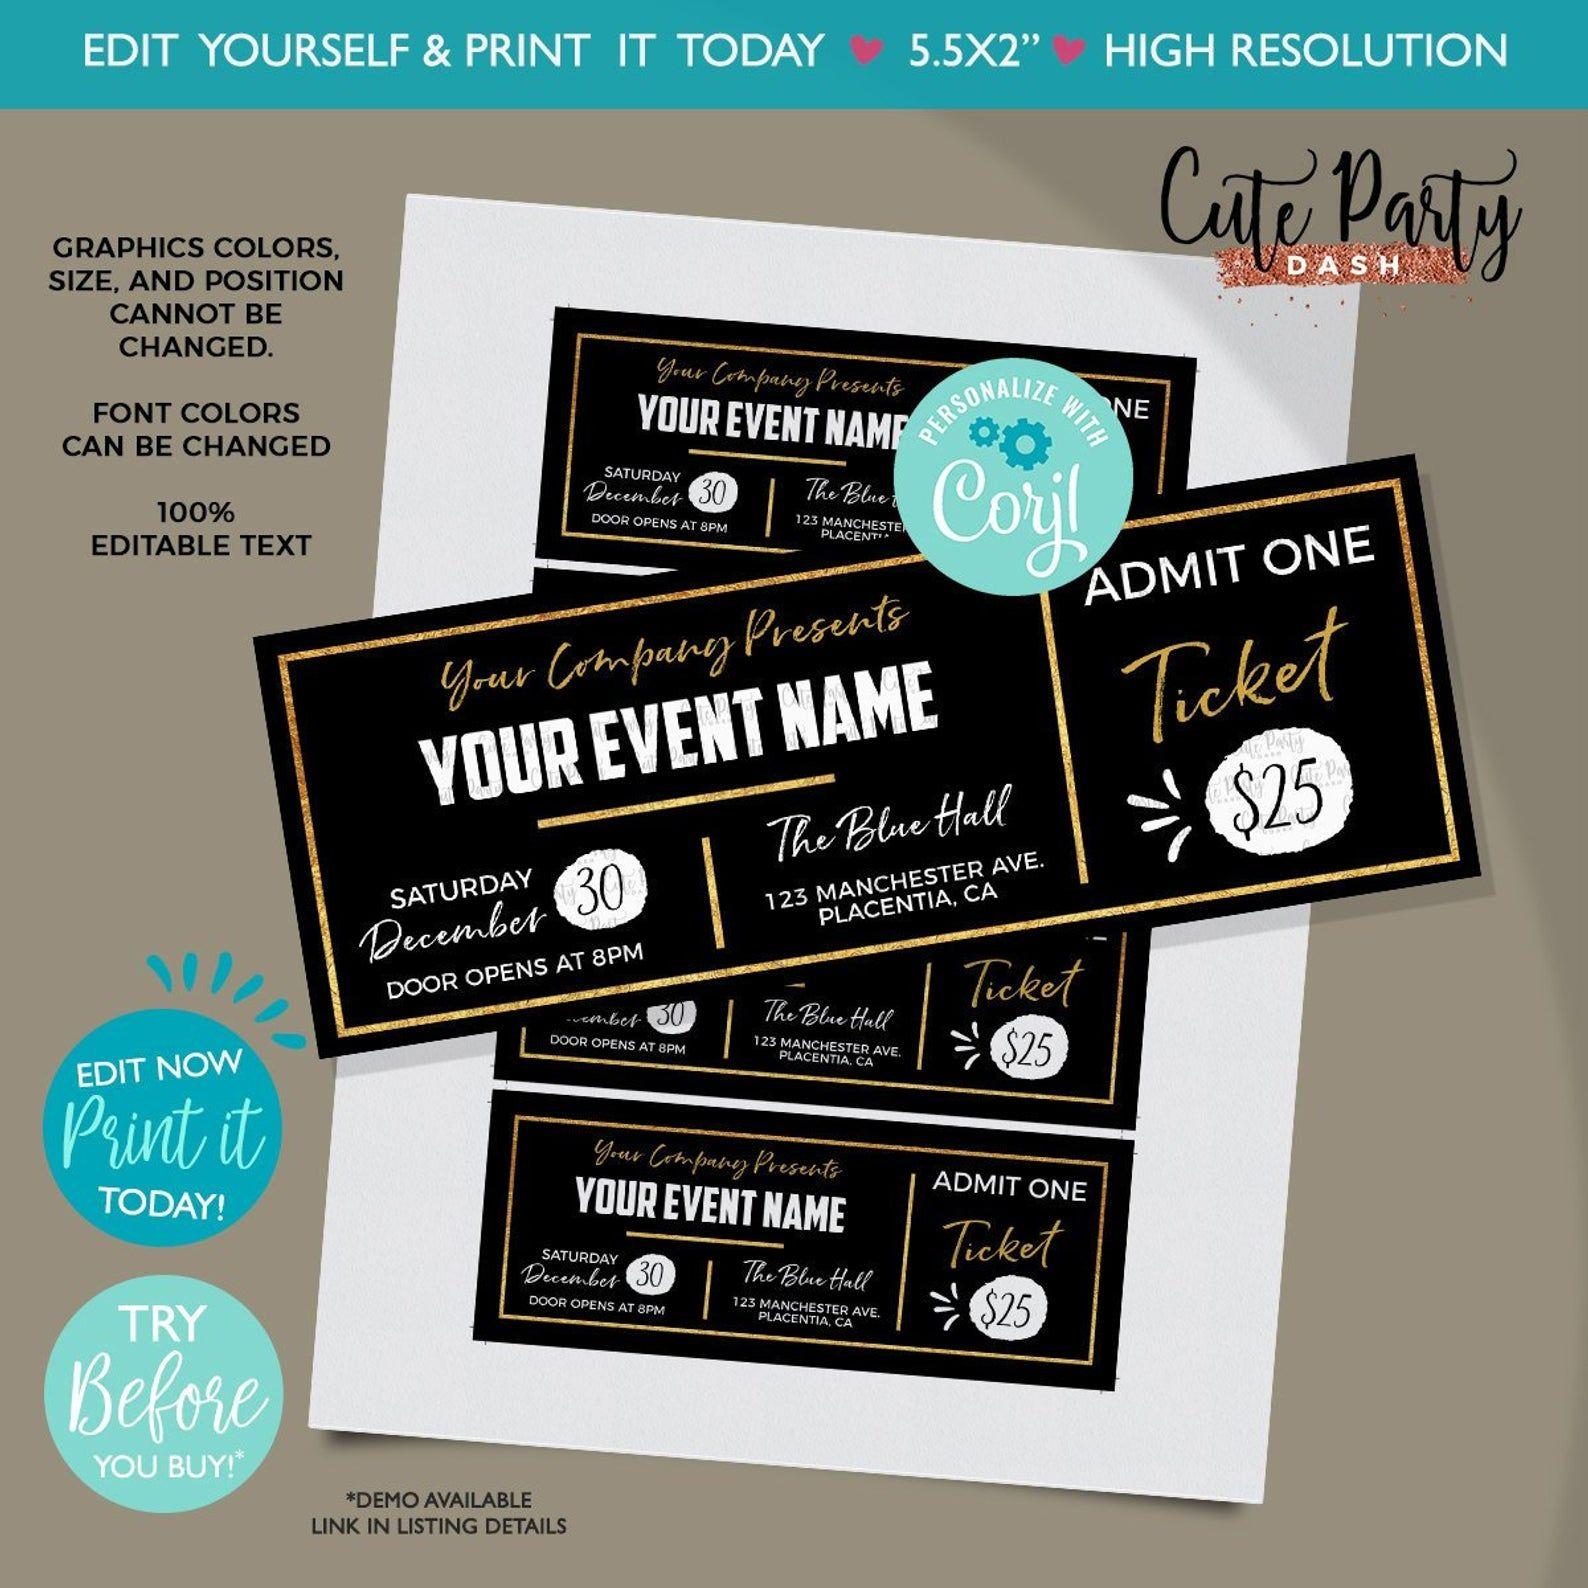 Instant Download Editable Event Golden Ticket Printable Etsy Ticket Template Printable Ticket Template Free Printables Template Printable Event ticket template free download